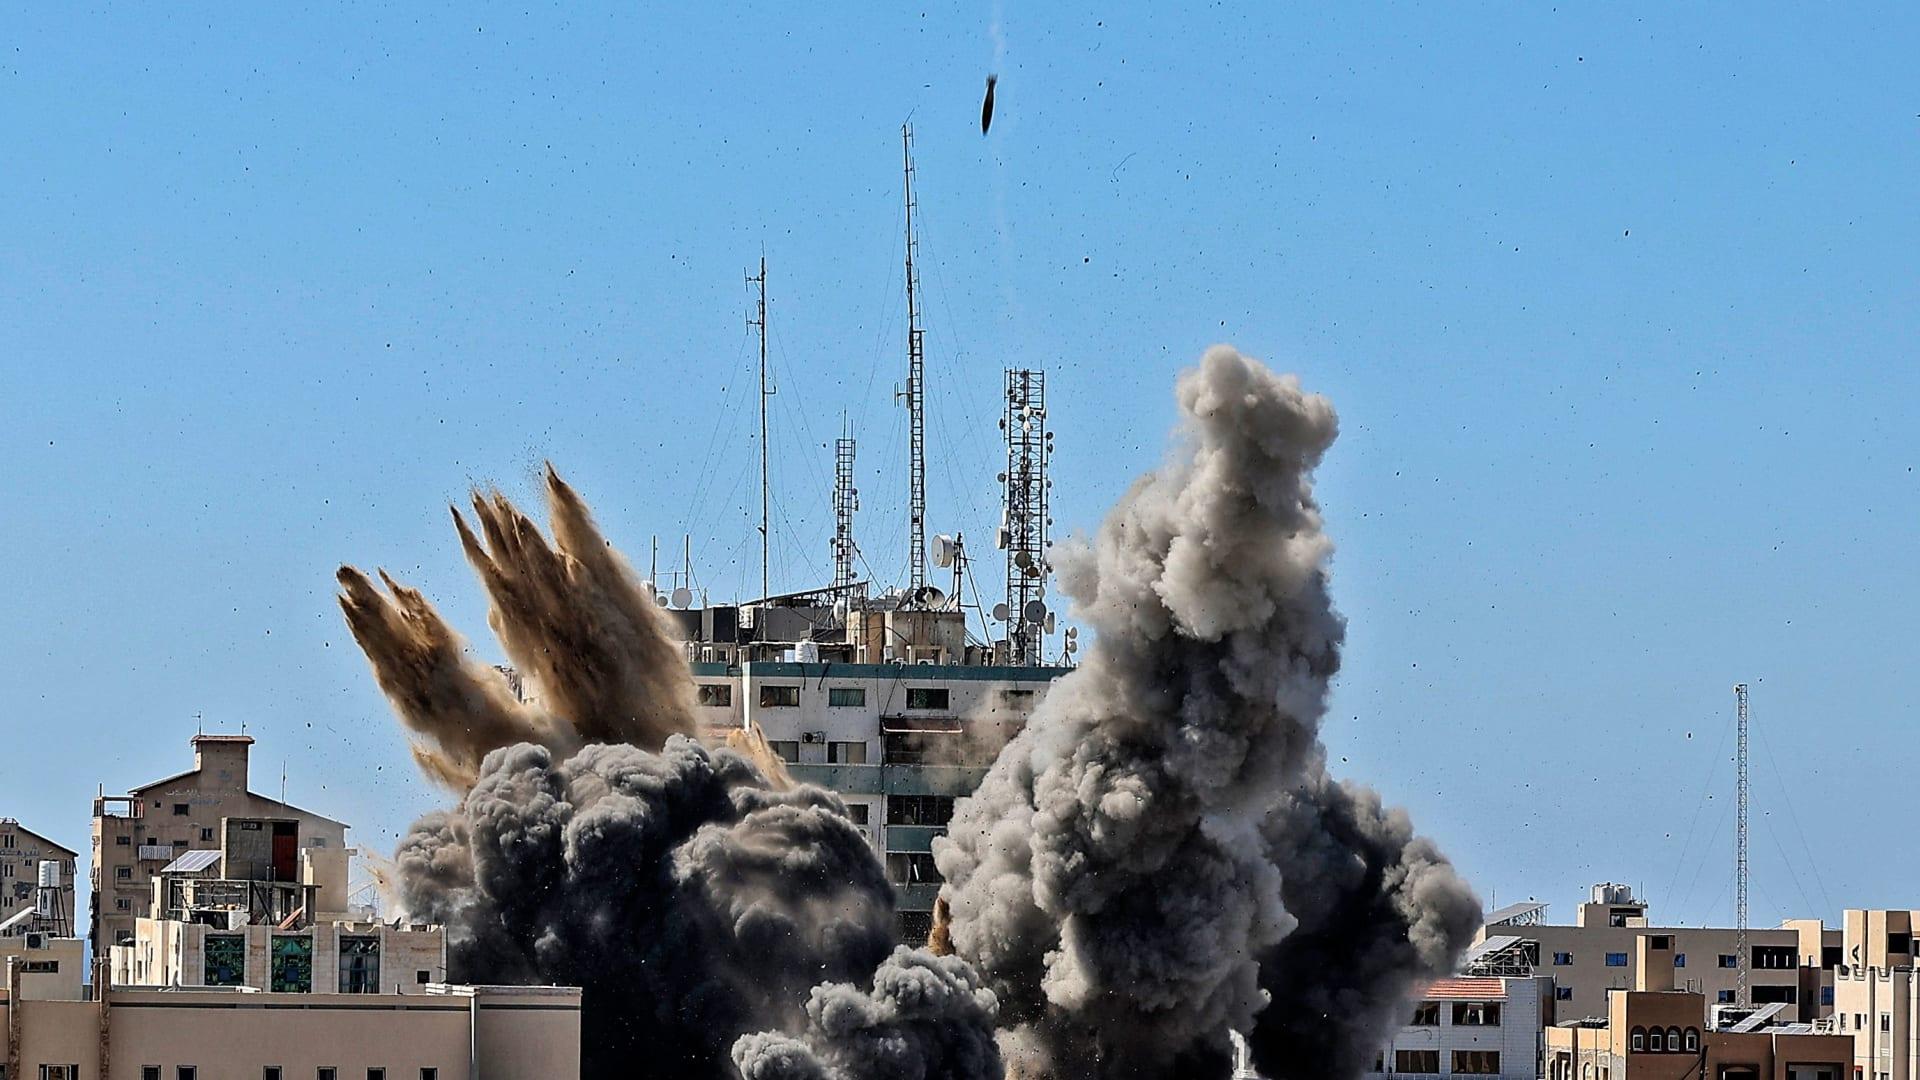 بعد أن دمر مبنى الجلاء بأربعة صواريخ.. مراسل CNN يعلق على الغارة